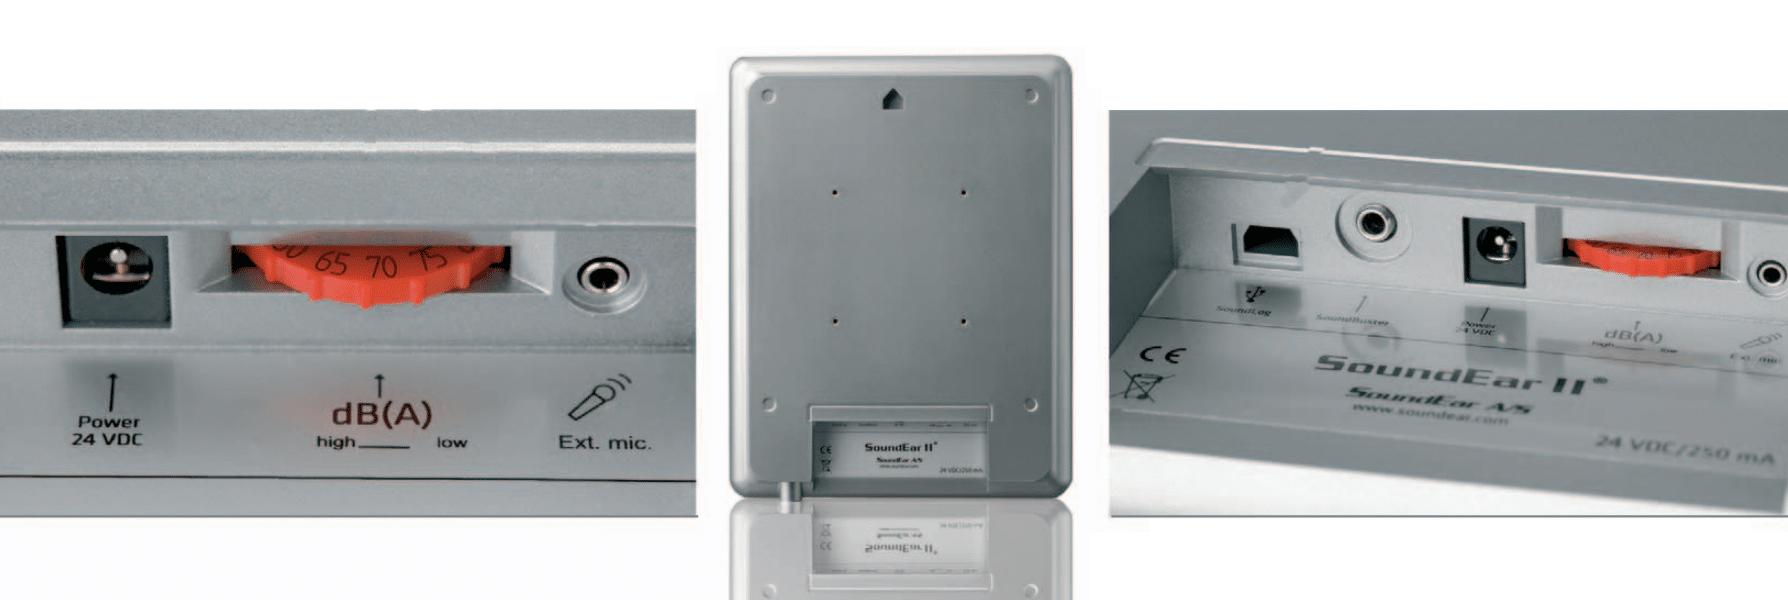 micrófono externo, rueda de control del alarma, conexión para descarga de datos.